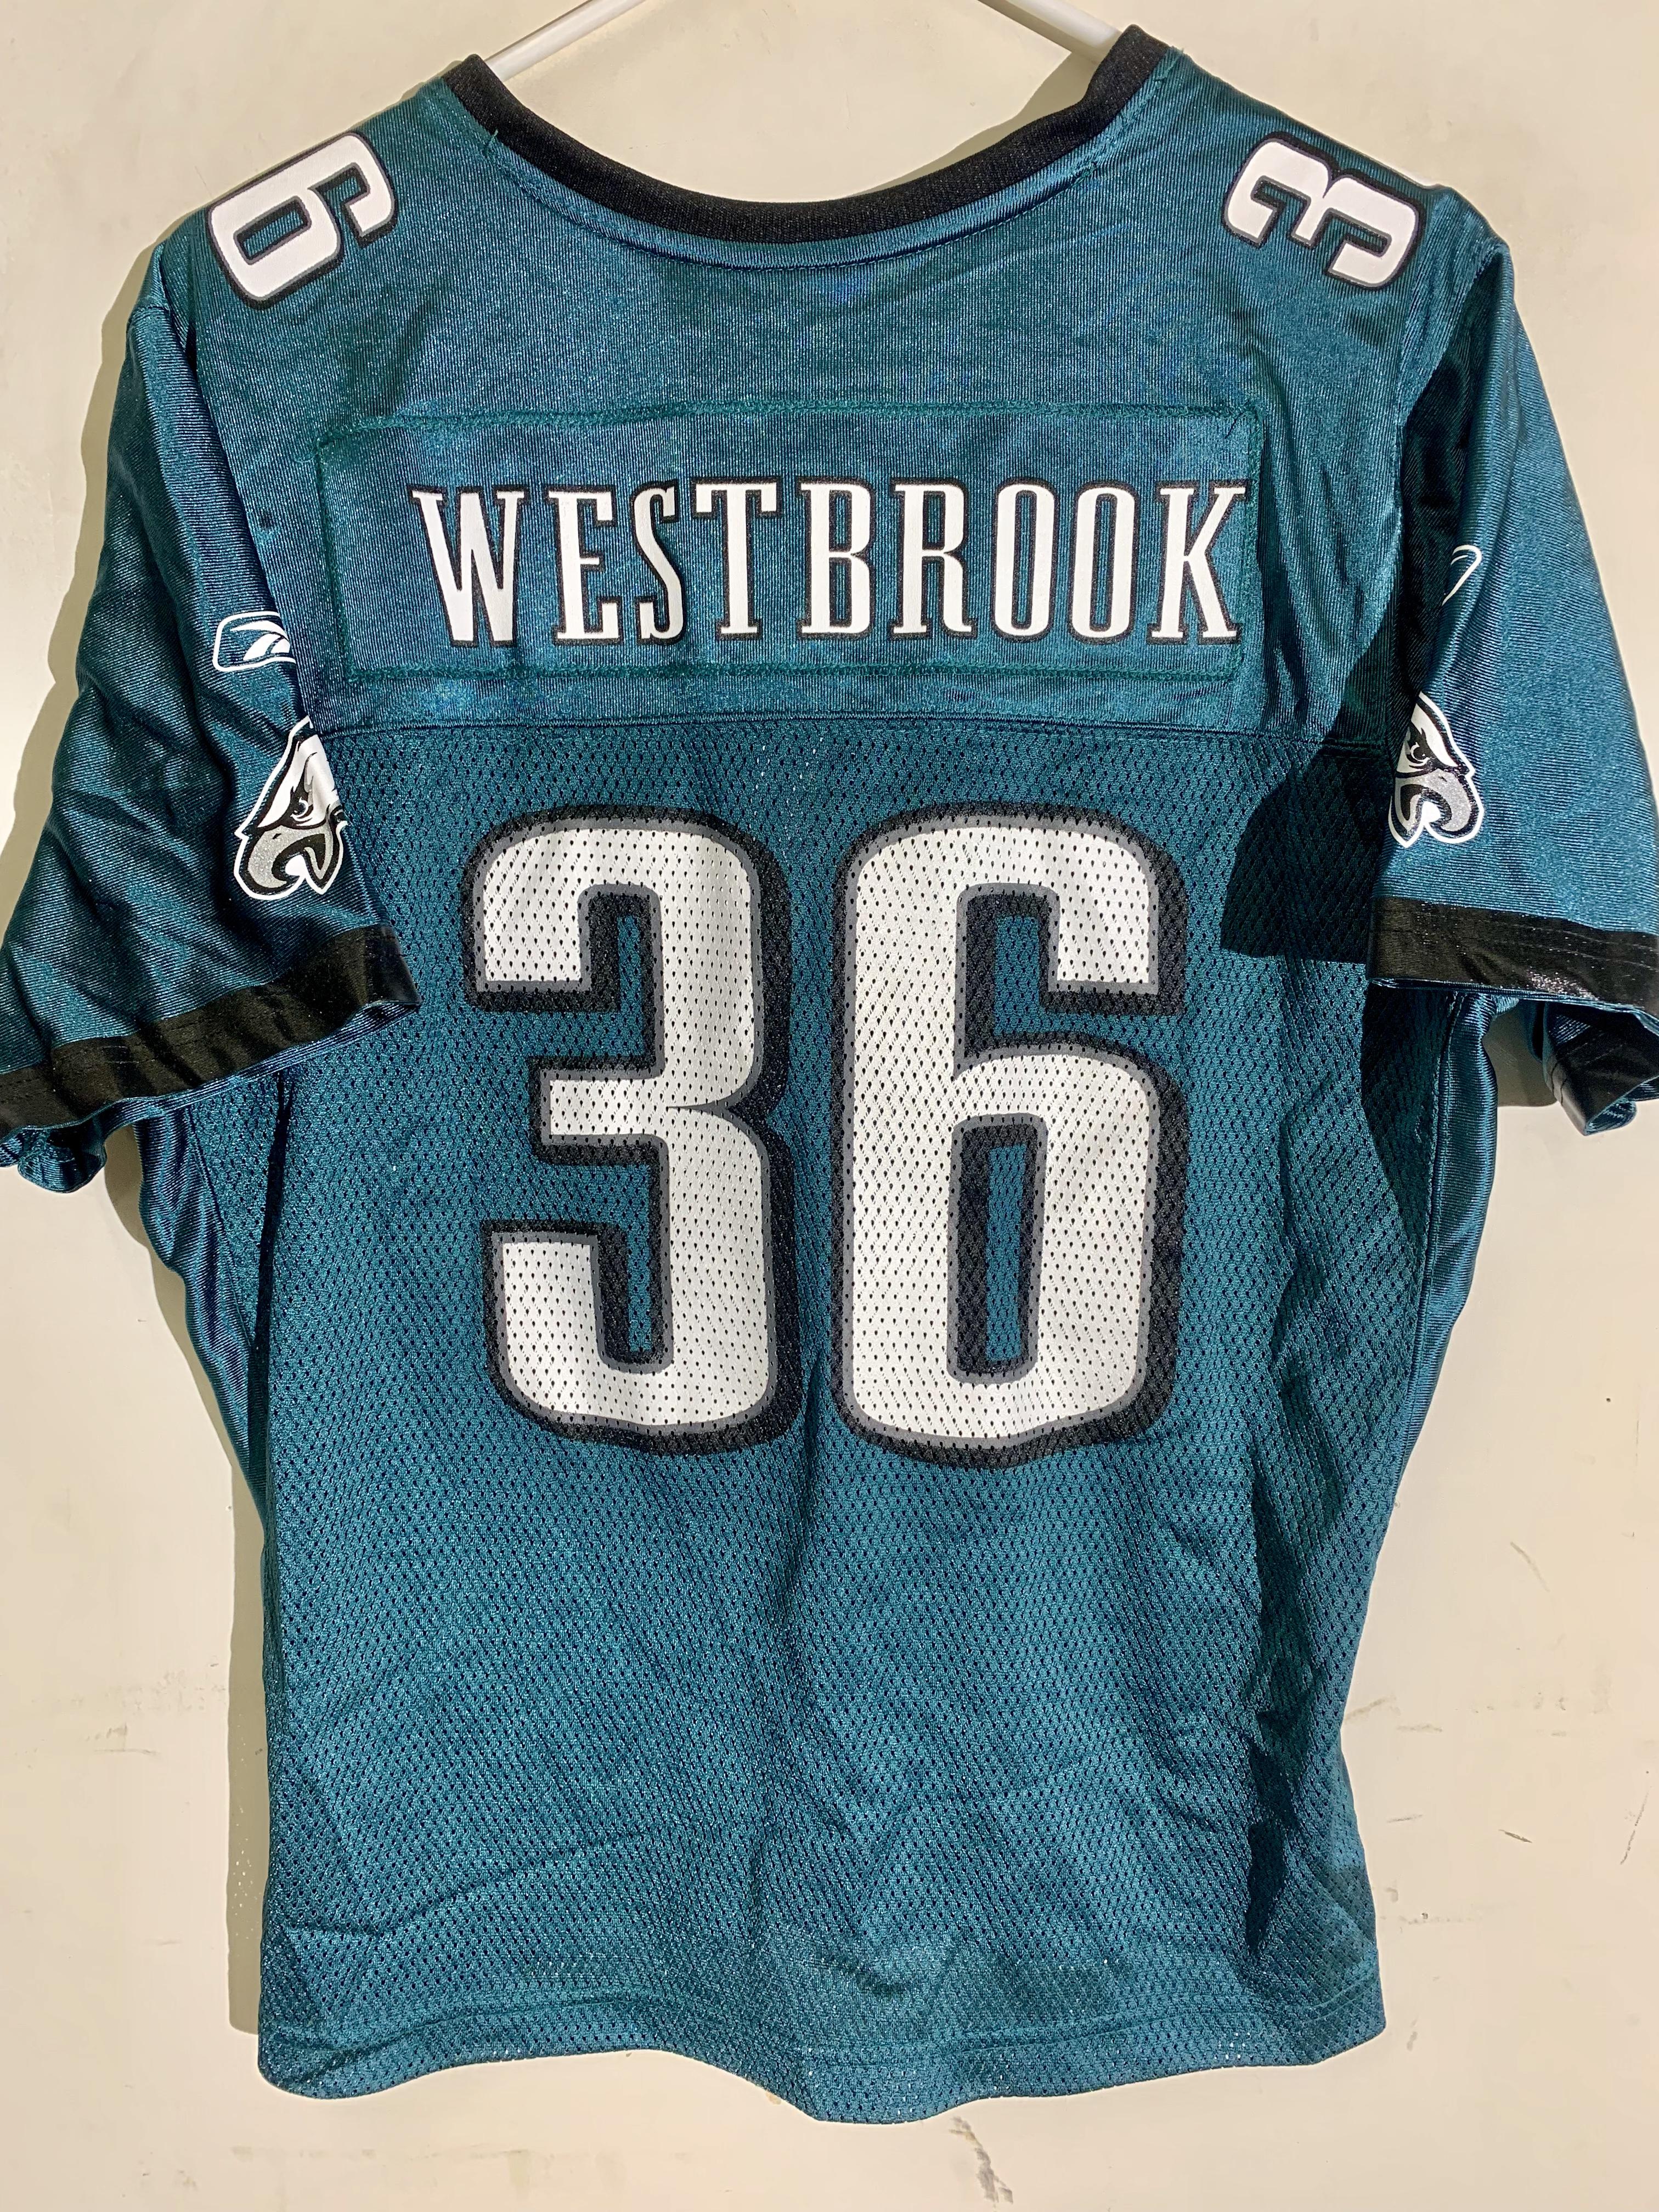 Details about Reebok Women s NFL Jersey Philadelphia Eagles Westbrook Green  sz 2X db2f22d69